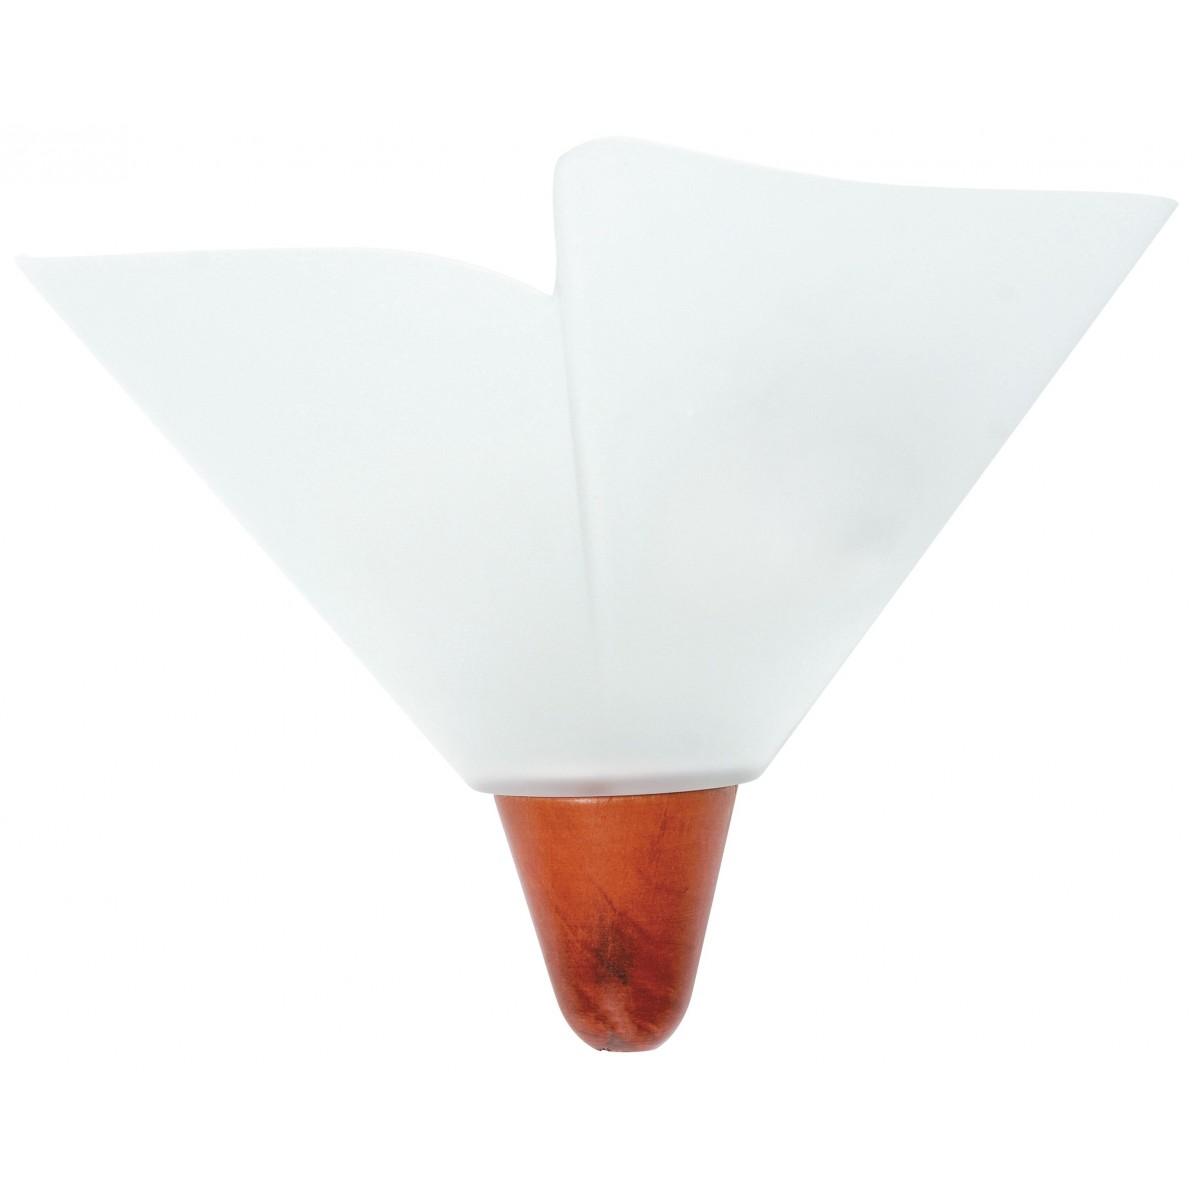 I-BREST/APS - Applique Vetro Bianco Legno Lampada da Parete Classica E27